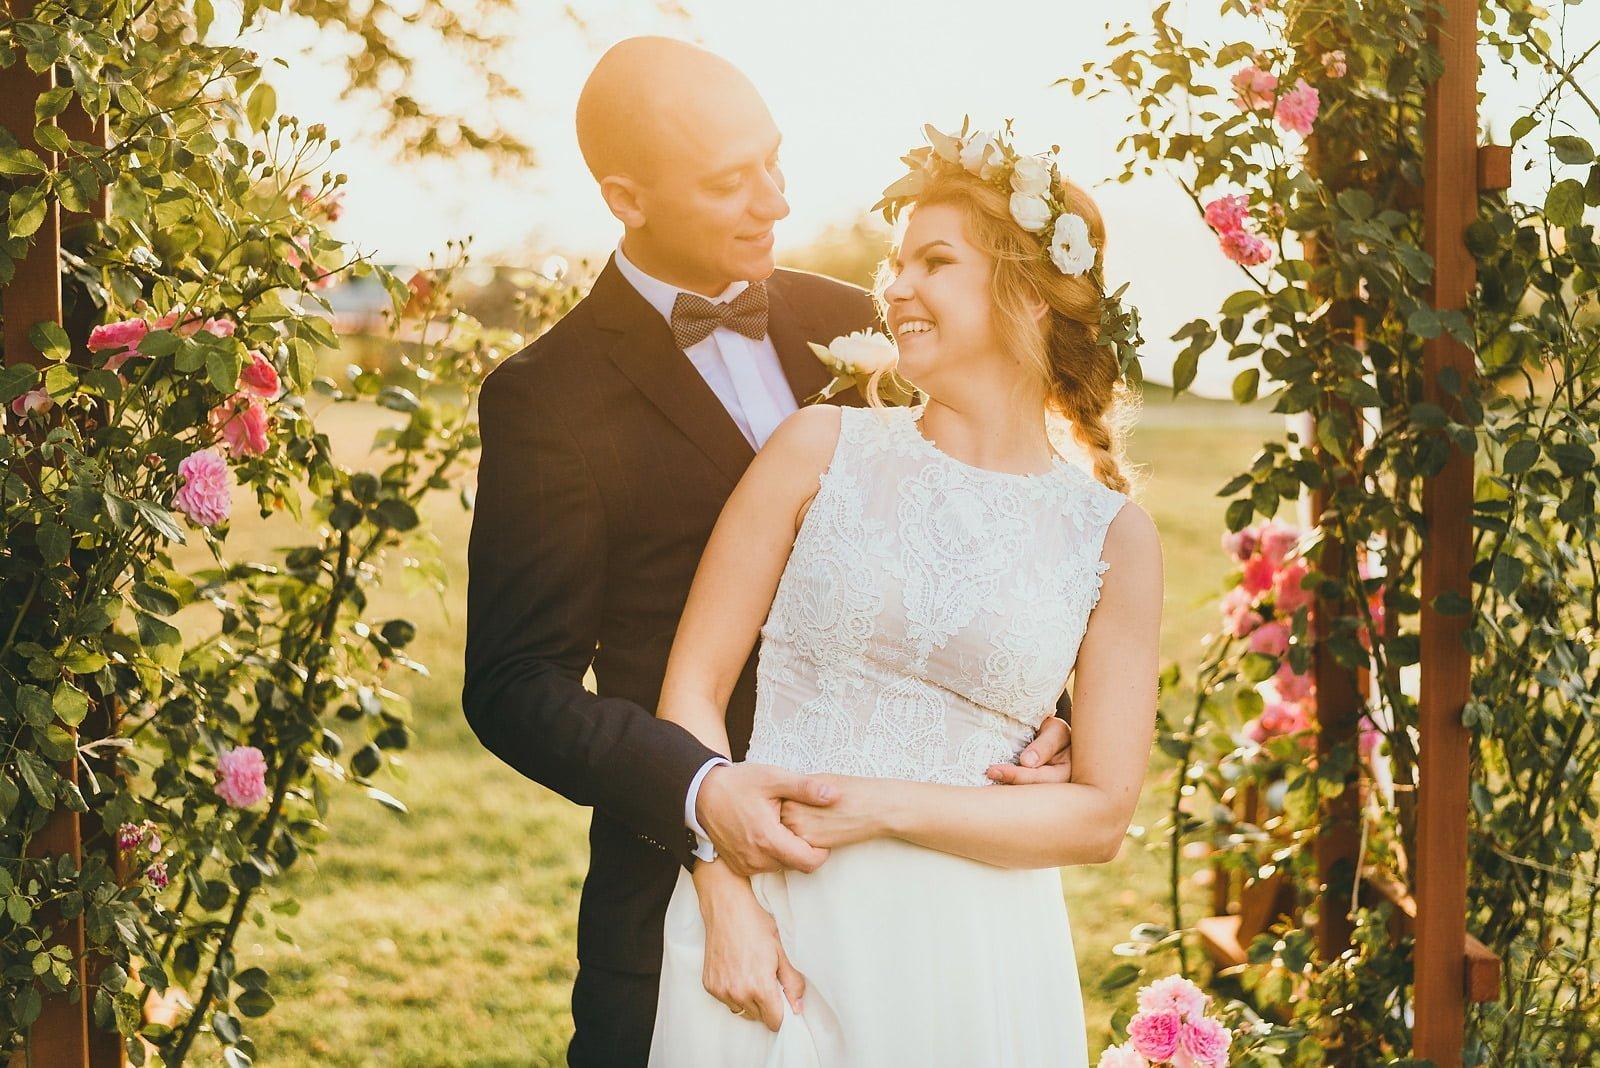 Justyna i Szymon - plenerowy ślub w stylu boho 83